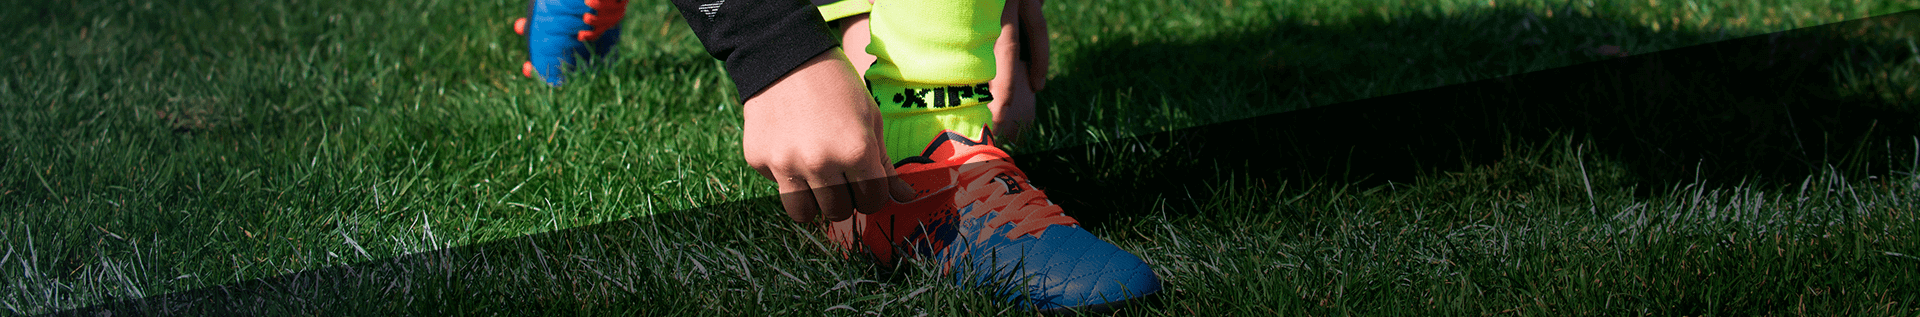 Дитяче взуття для футболу